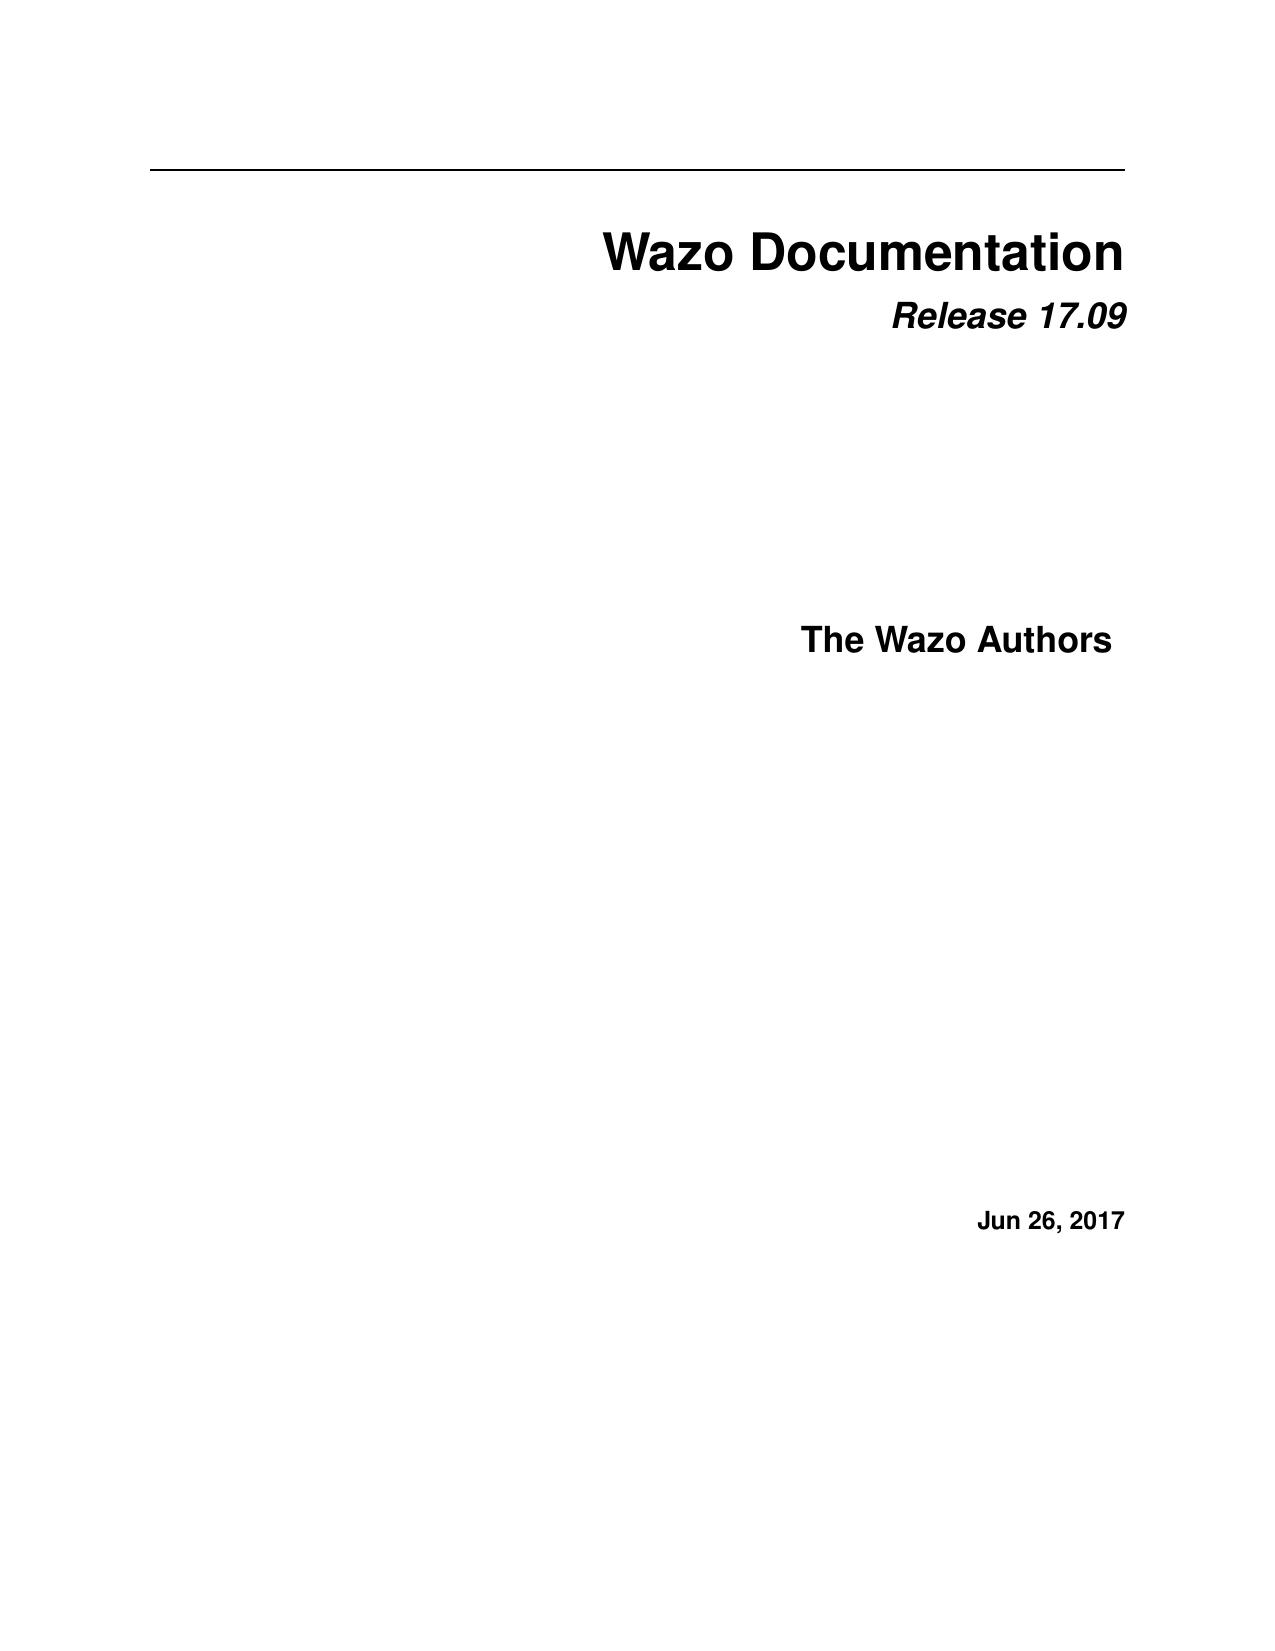 wazo documentation